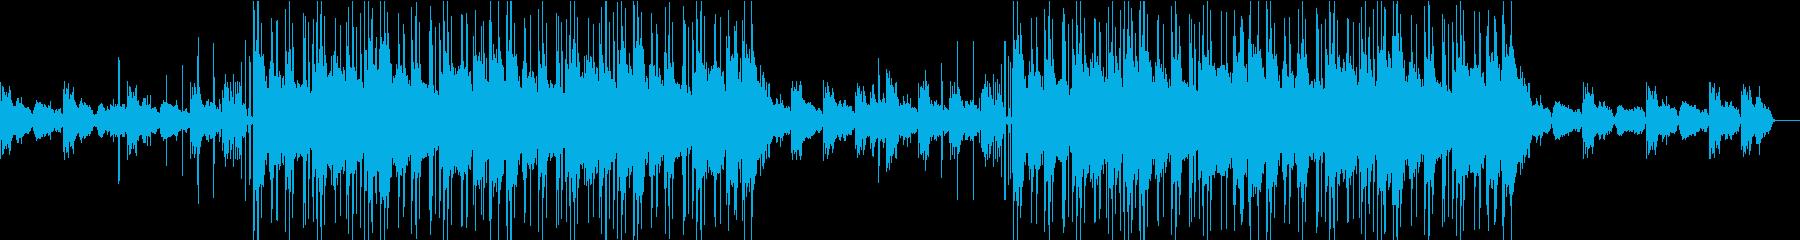 穏やかなLo-Fi Beatsの再生済みの波形